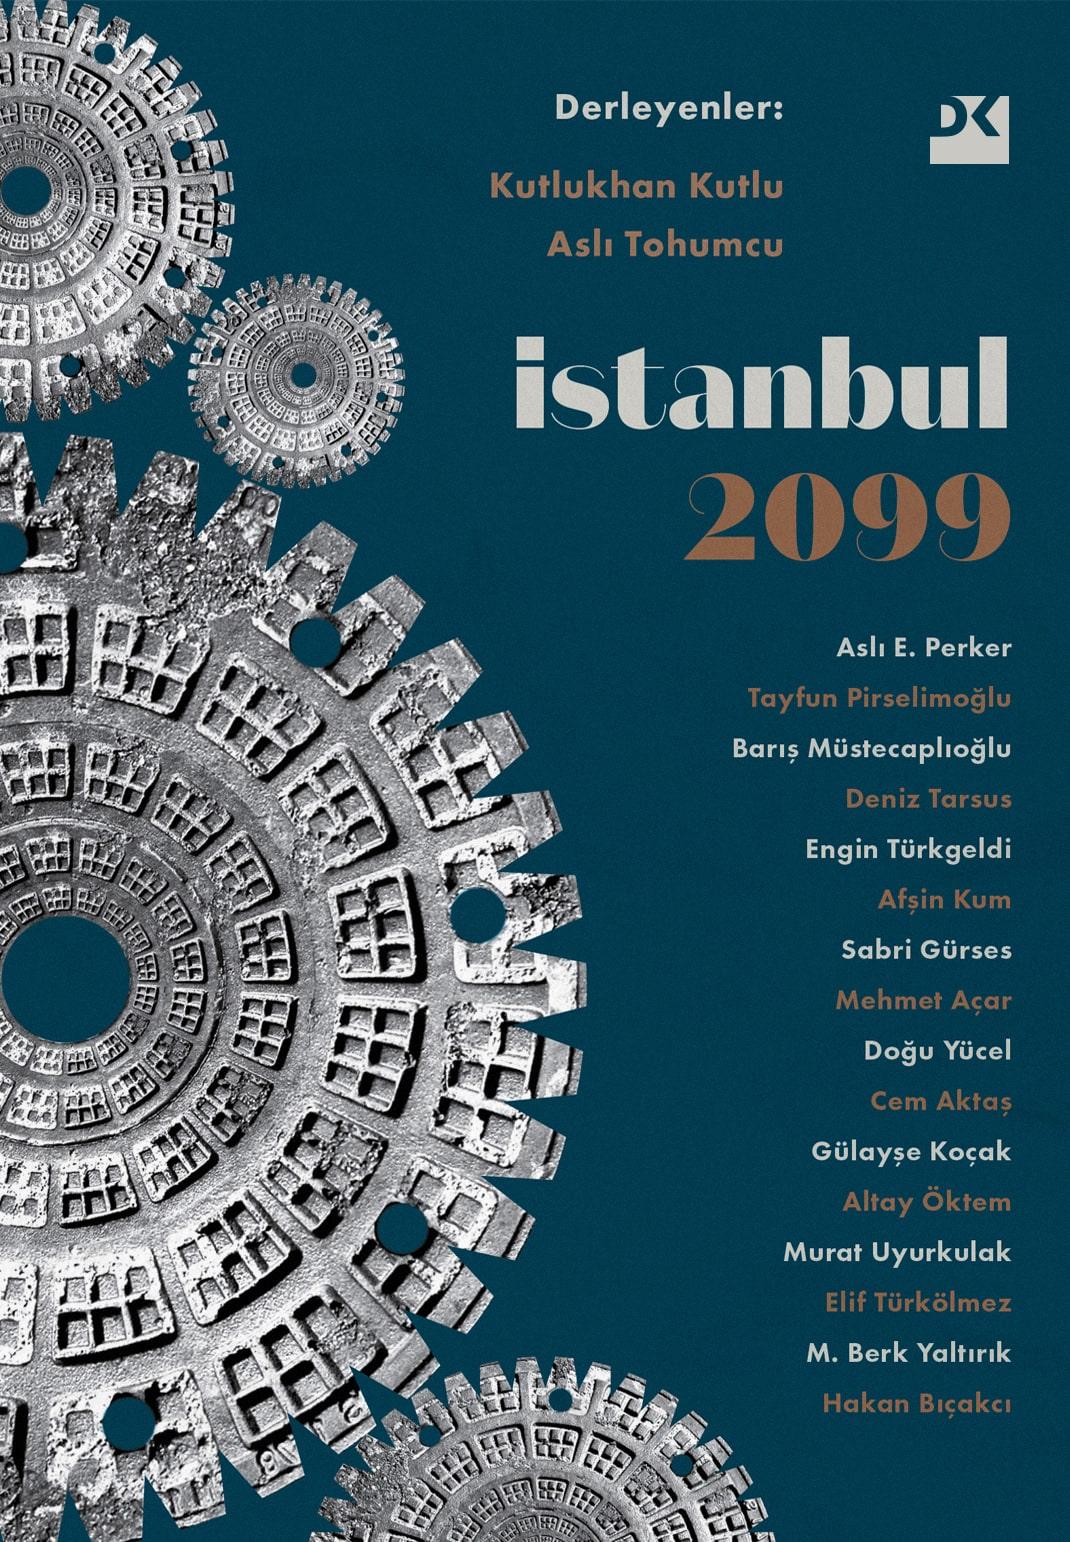 istanbul2099-min